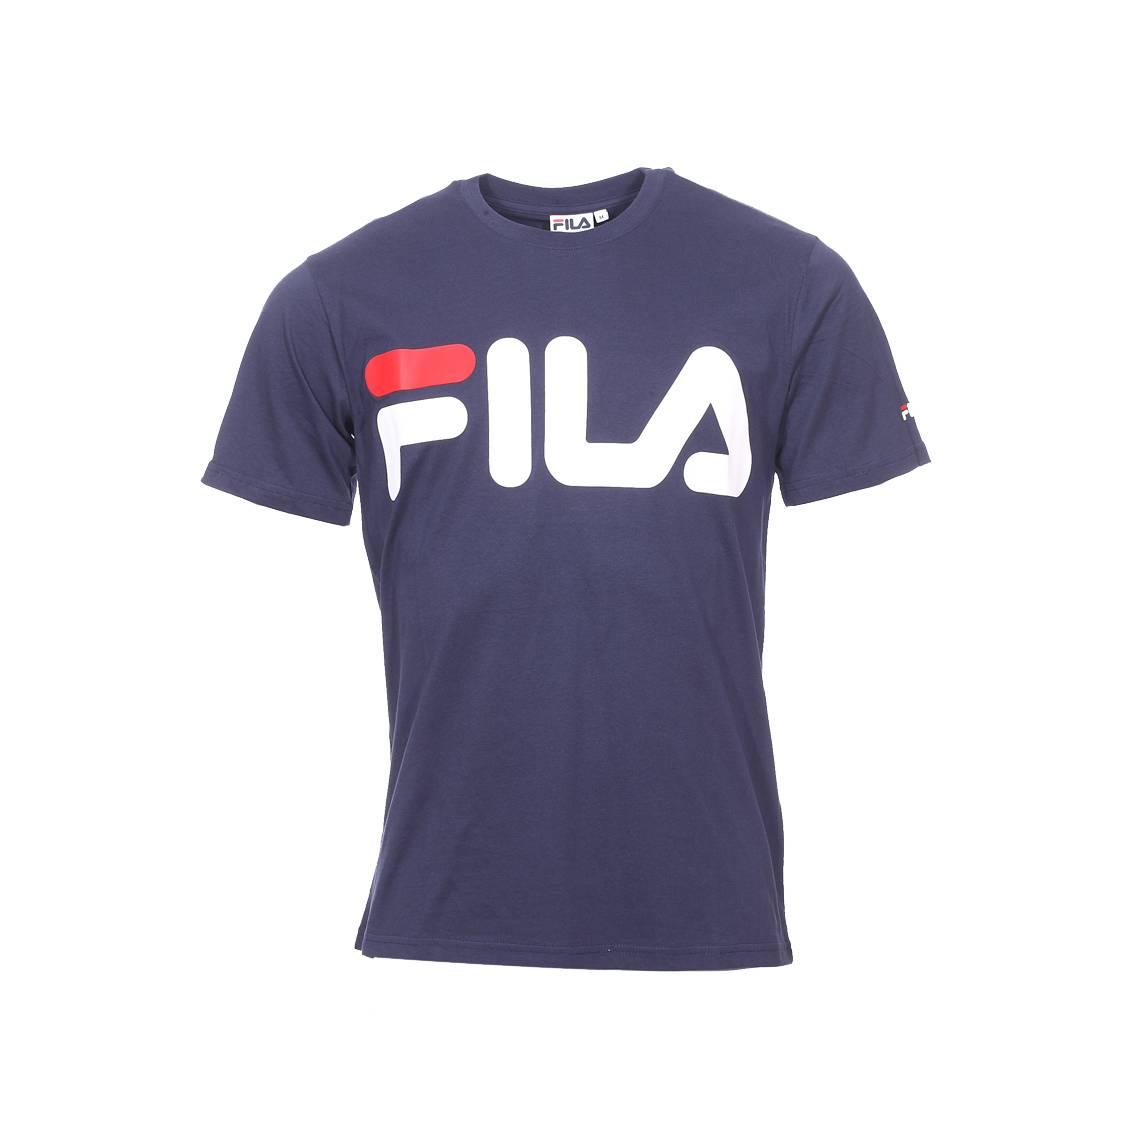 vente en magasin prix fou quantité limitée Tee-shirt col rond Fila Classic Logo en coton bleu marine floqué | Rue Des  Hommes